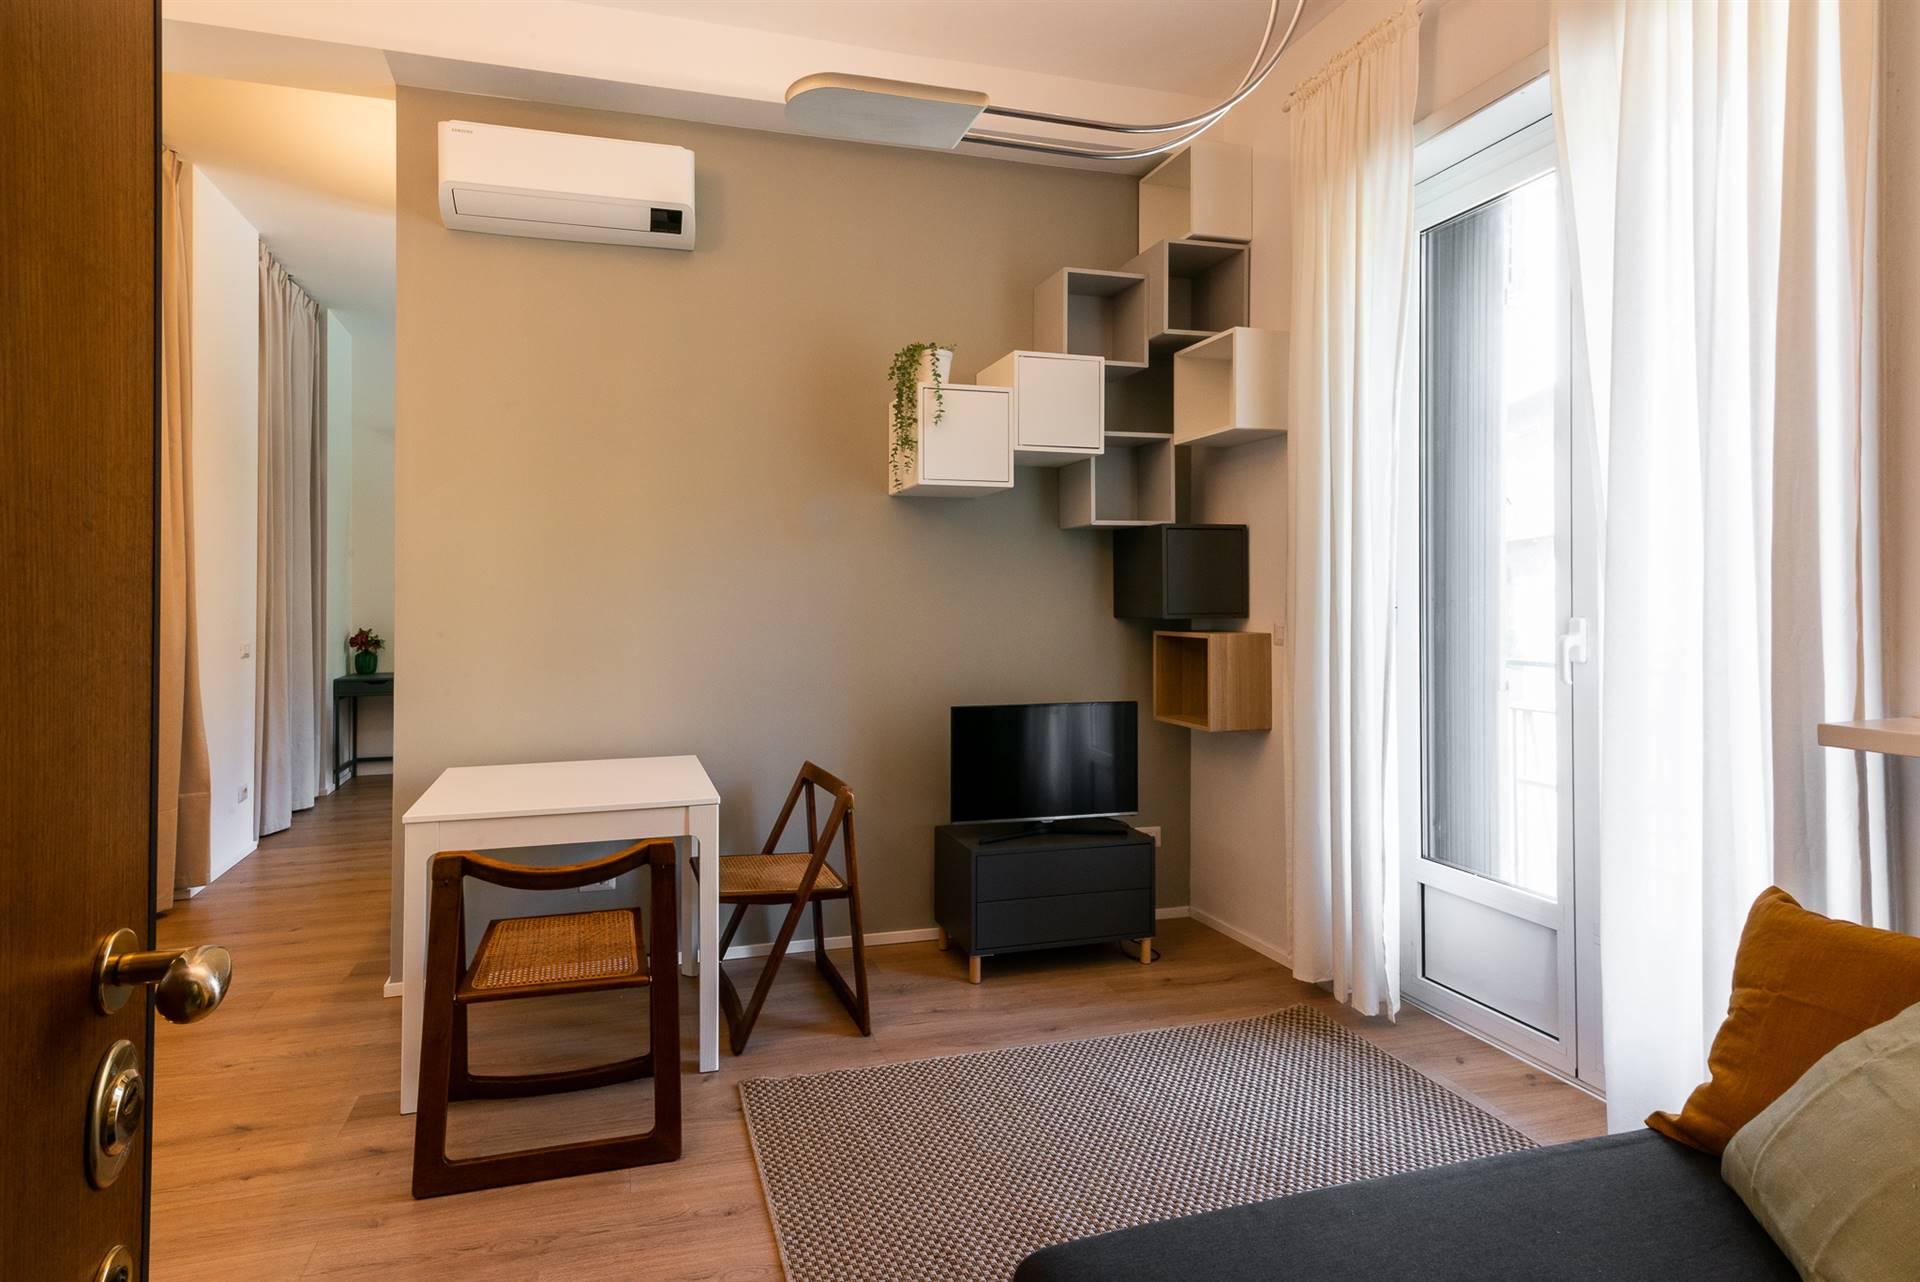 Milano, nel distretto di Santa Sofia, C.so Italia, affittasi curatissimo bilocale appena ristrutturato da Architetto, completamente arredato a nuovo,